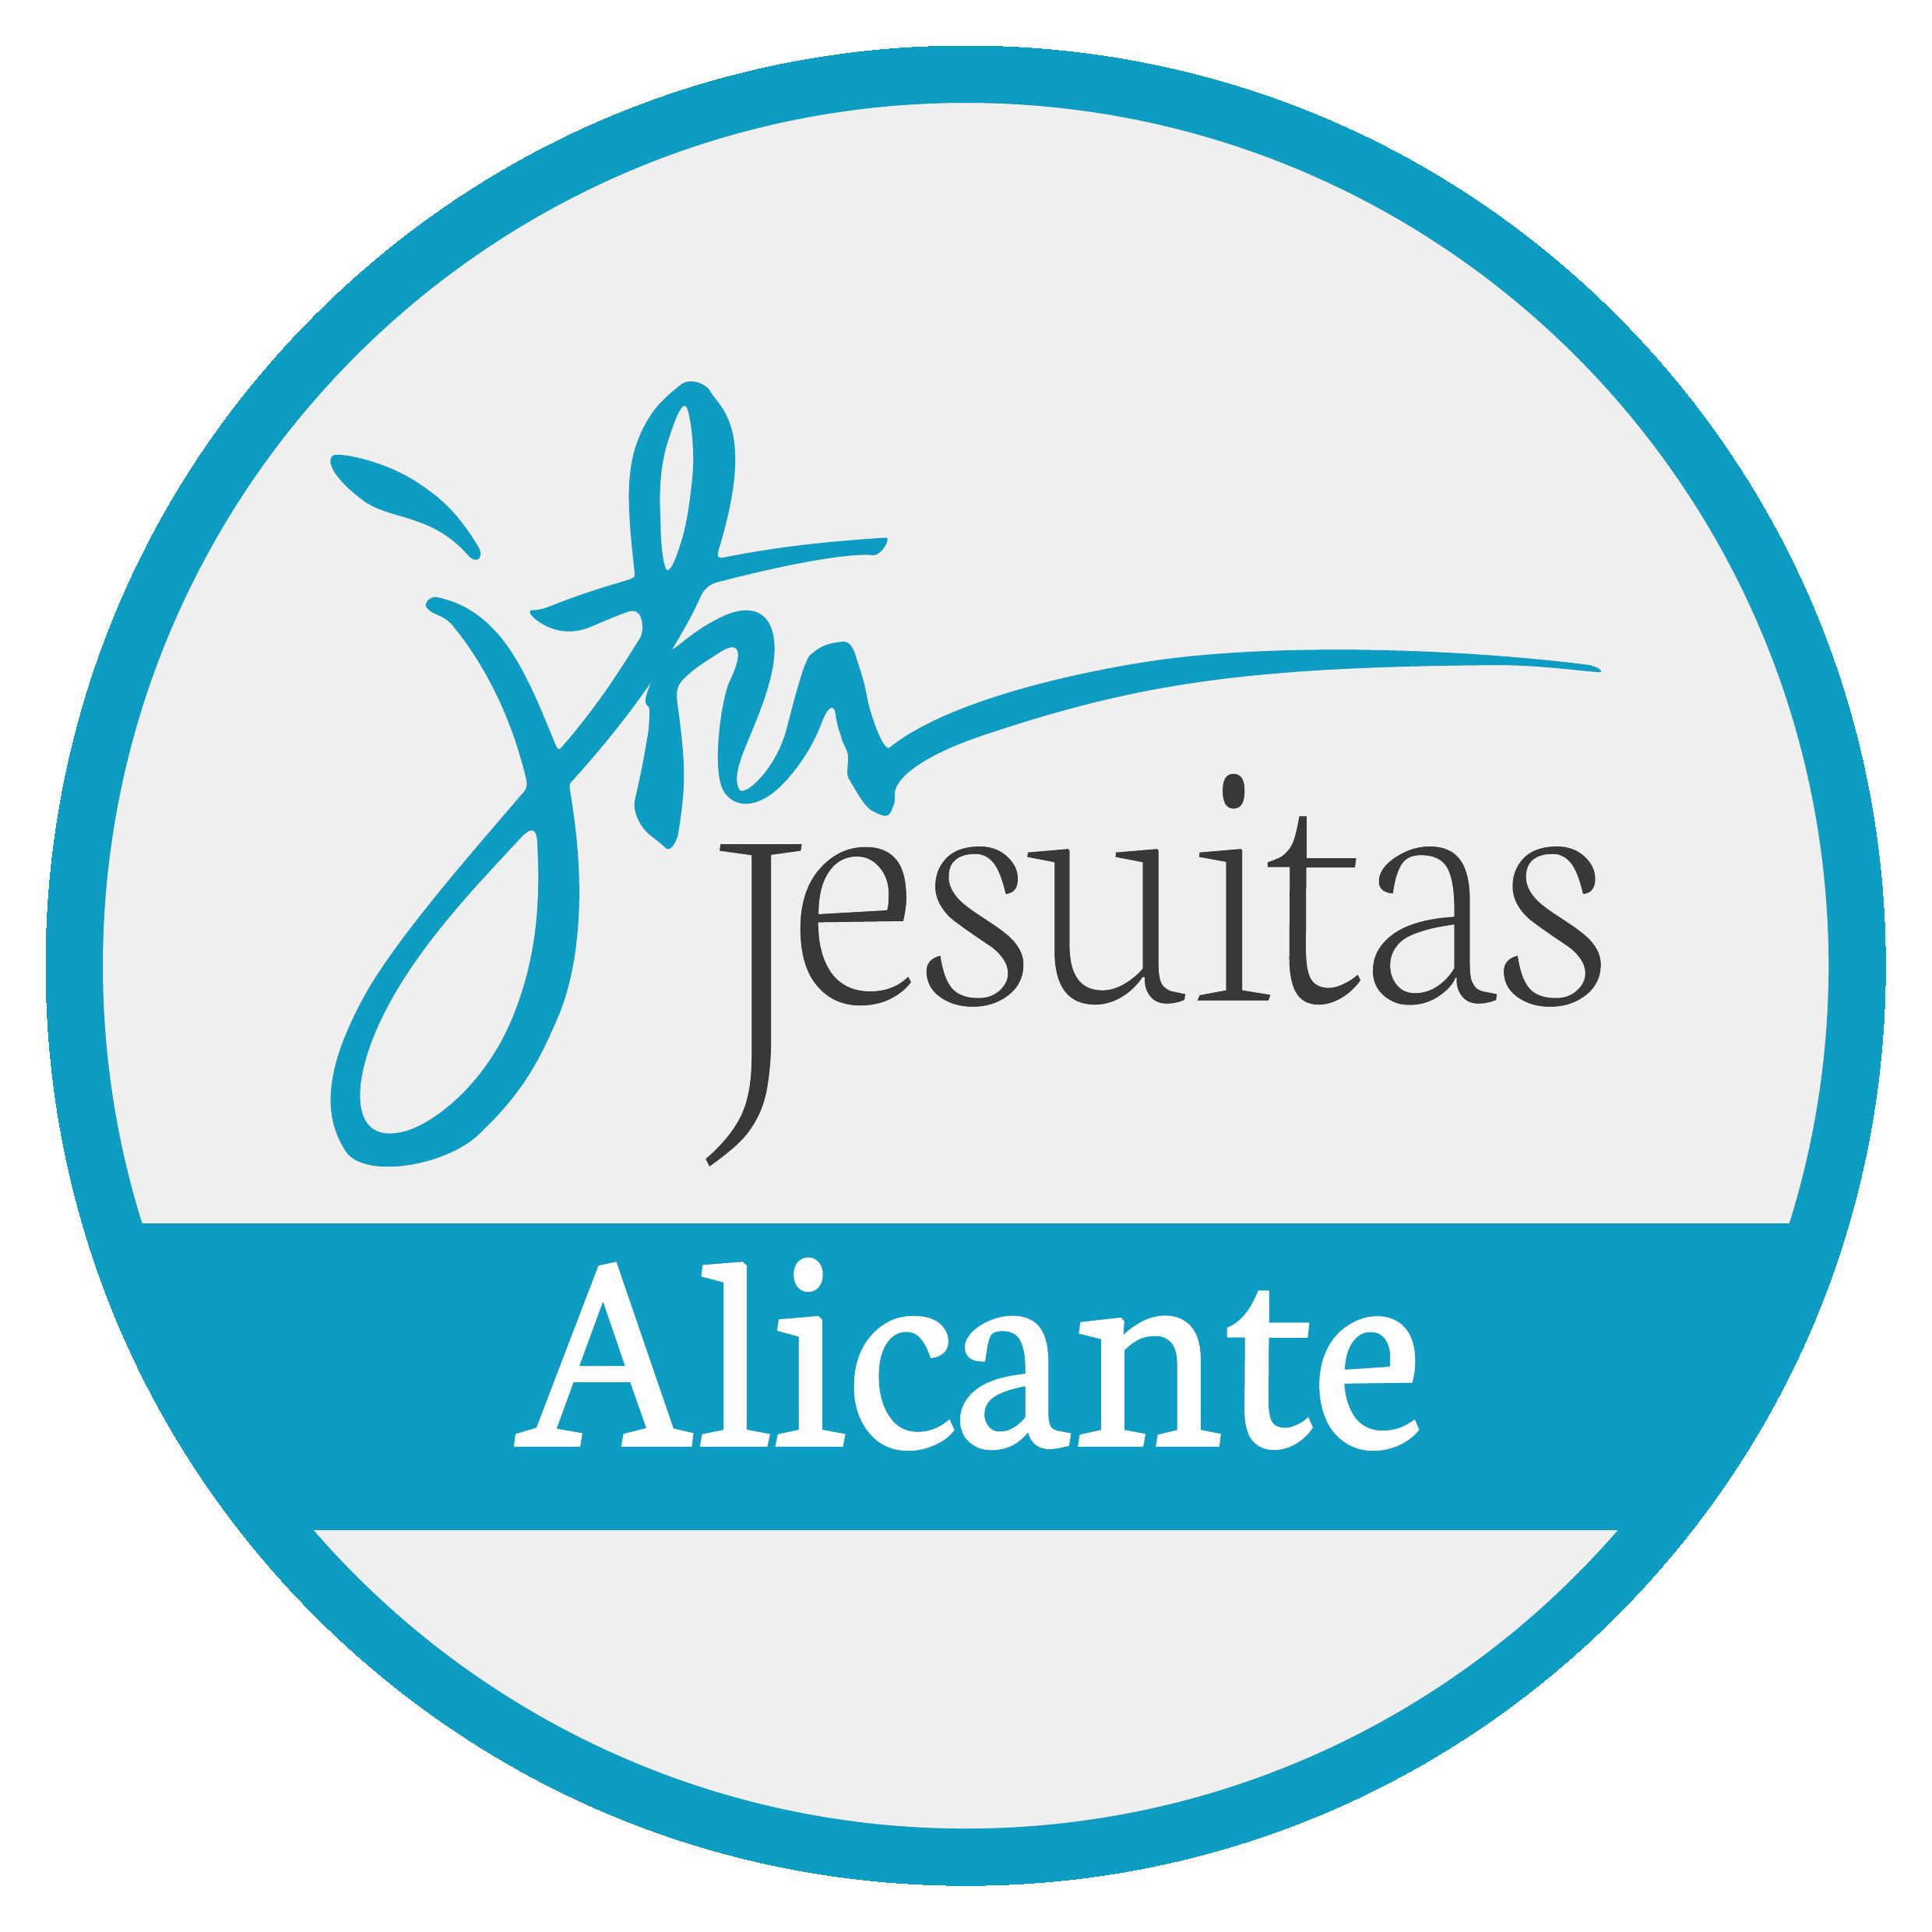 Jesuitas Alicante